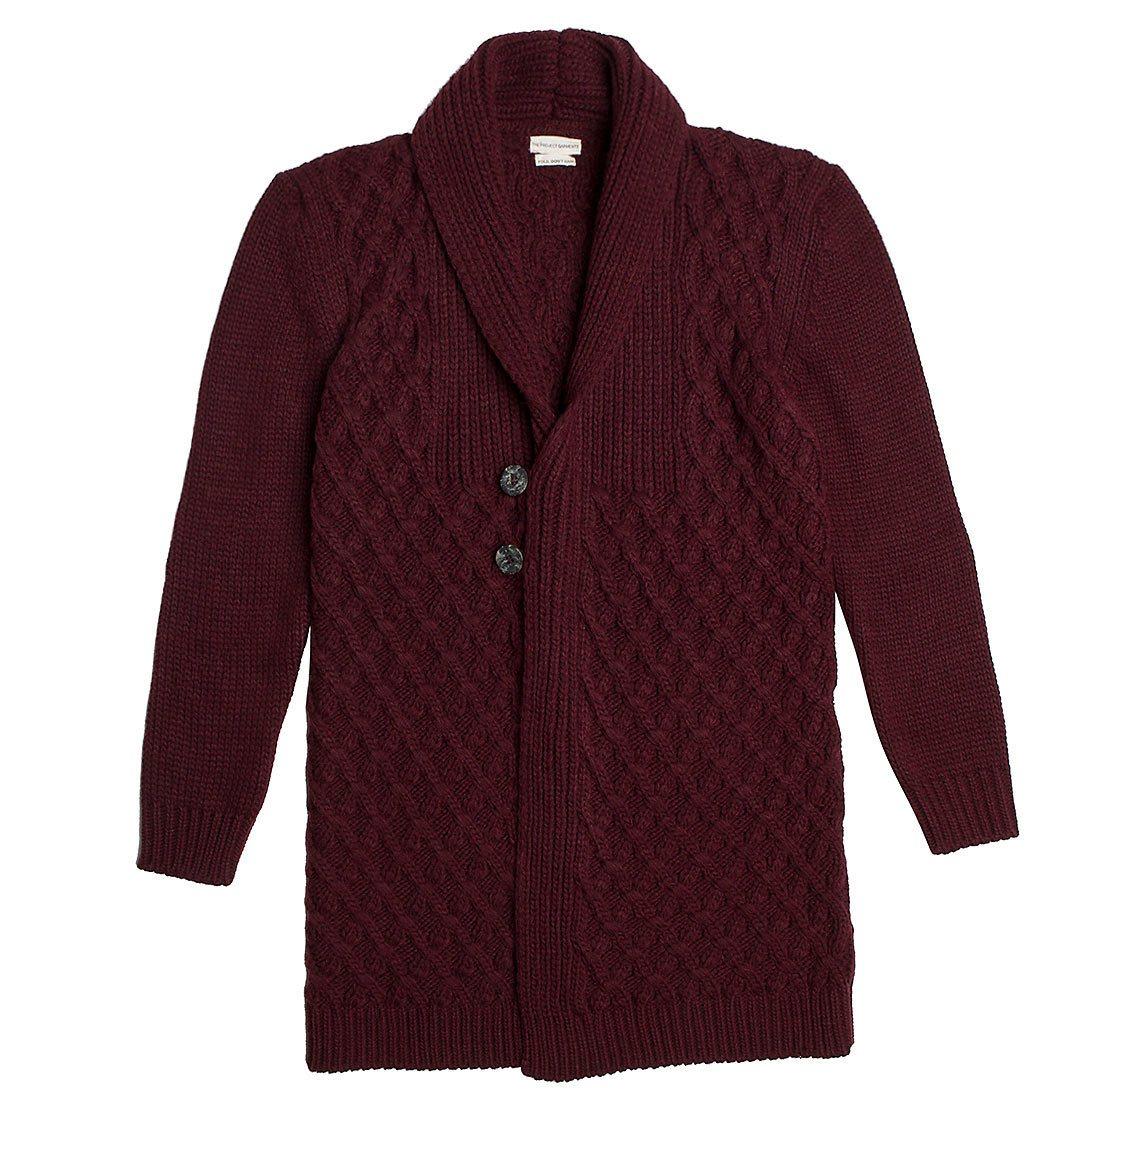 Two Button Shawl Collar Wool Blend Cardigan Burgundy